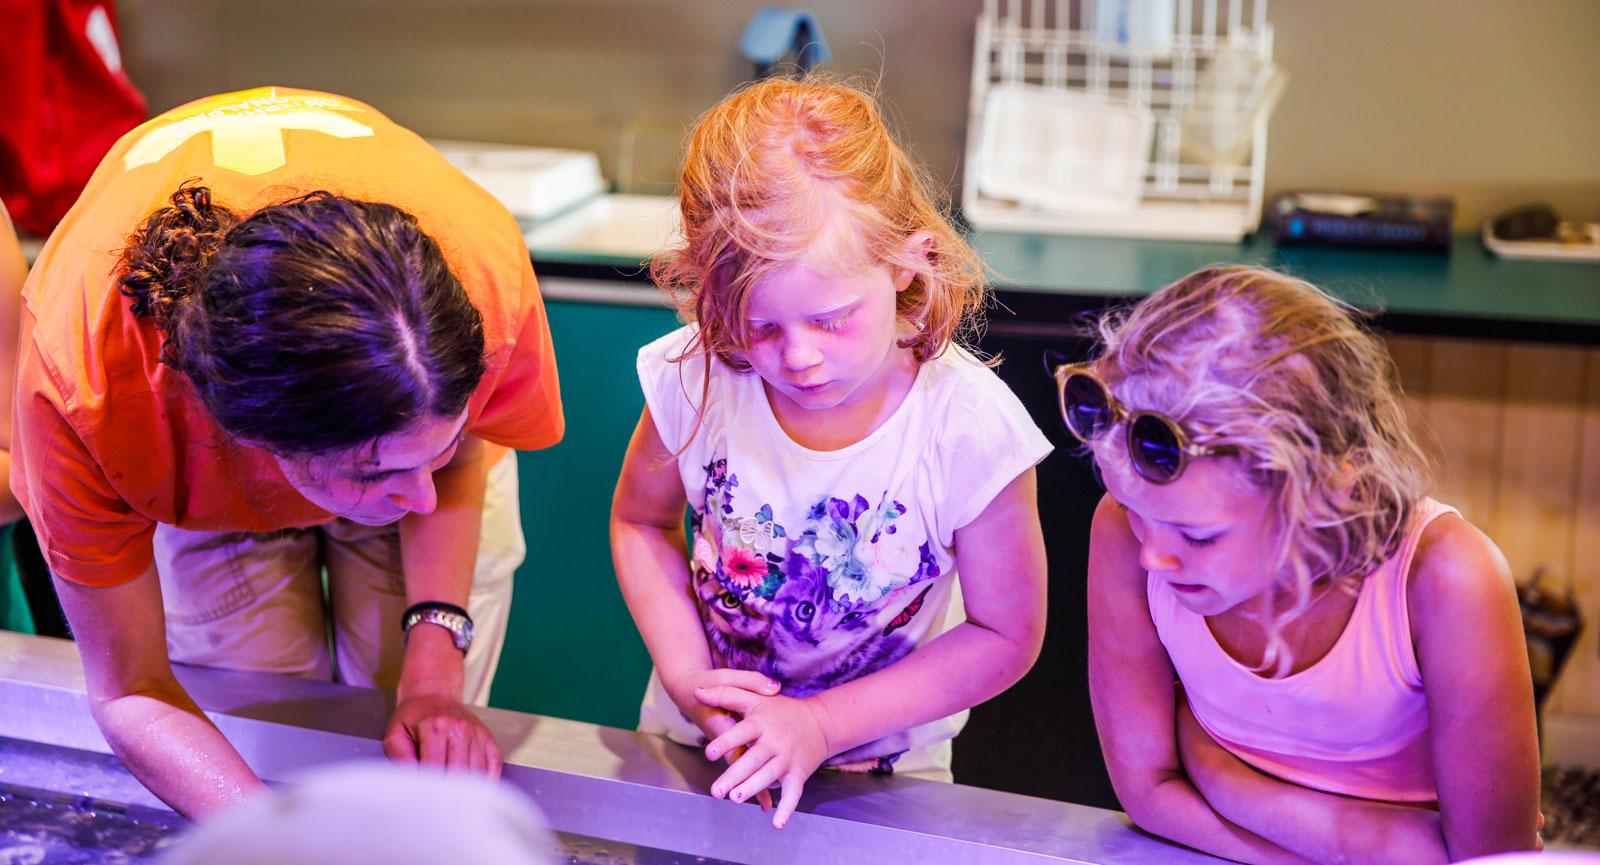 På Naturum kan både barn och vuxna lära sig mer om djur och natur.